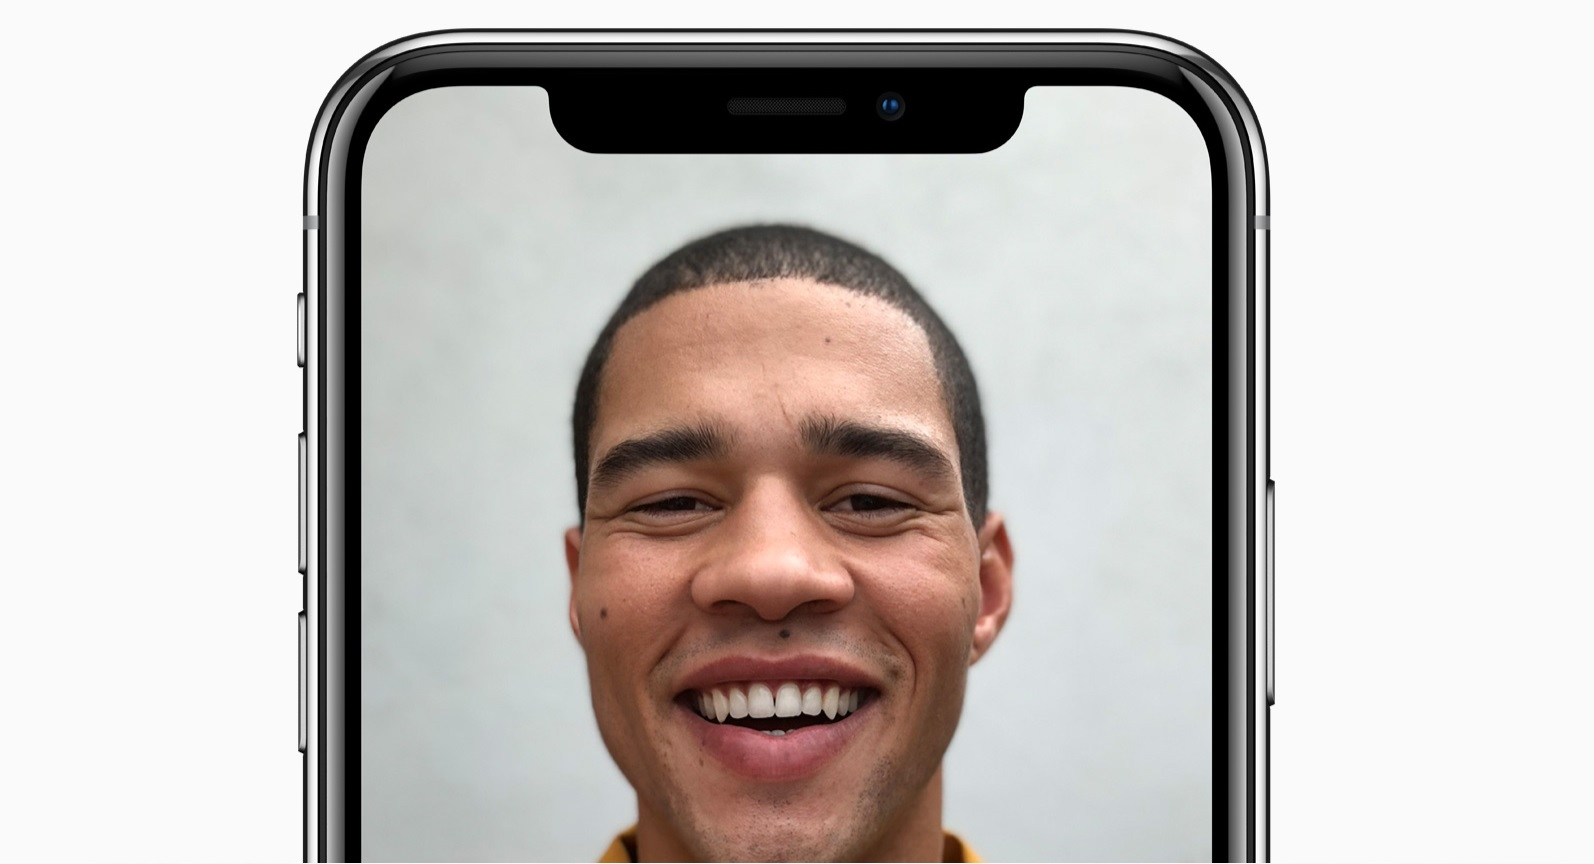 iPhone X 的 Face ID 臉部辨識技術解析:從感光元件到 3D 立體影像感測原理